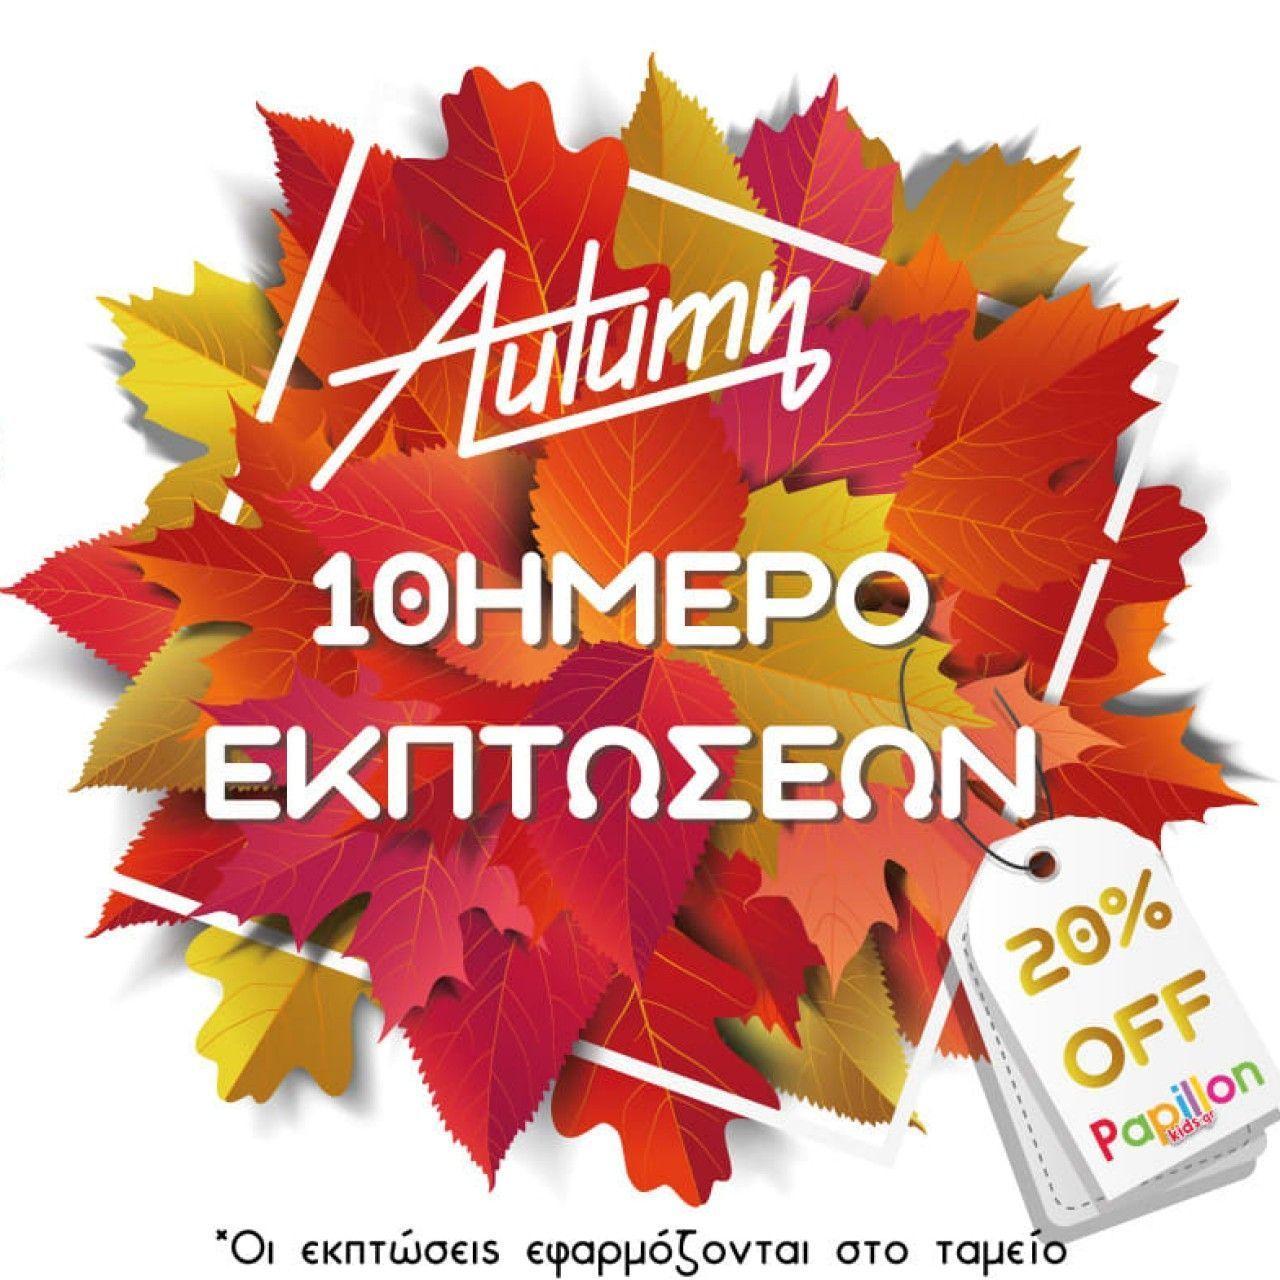 autumn-sales-papillonkids-rrme4l.jpg